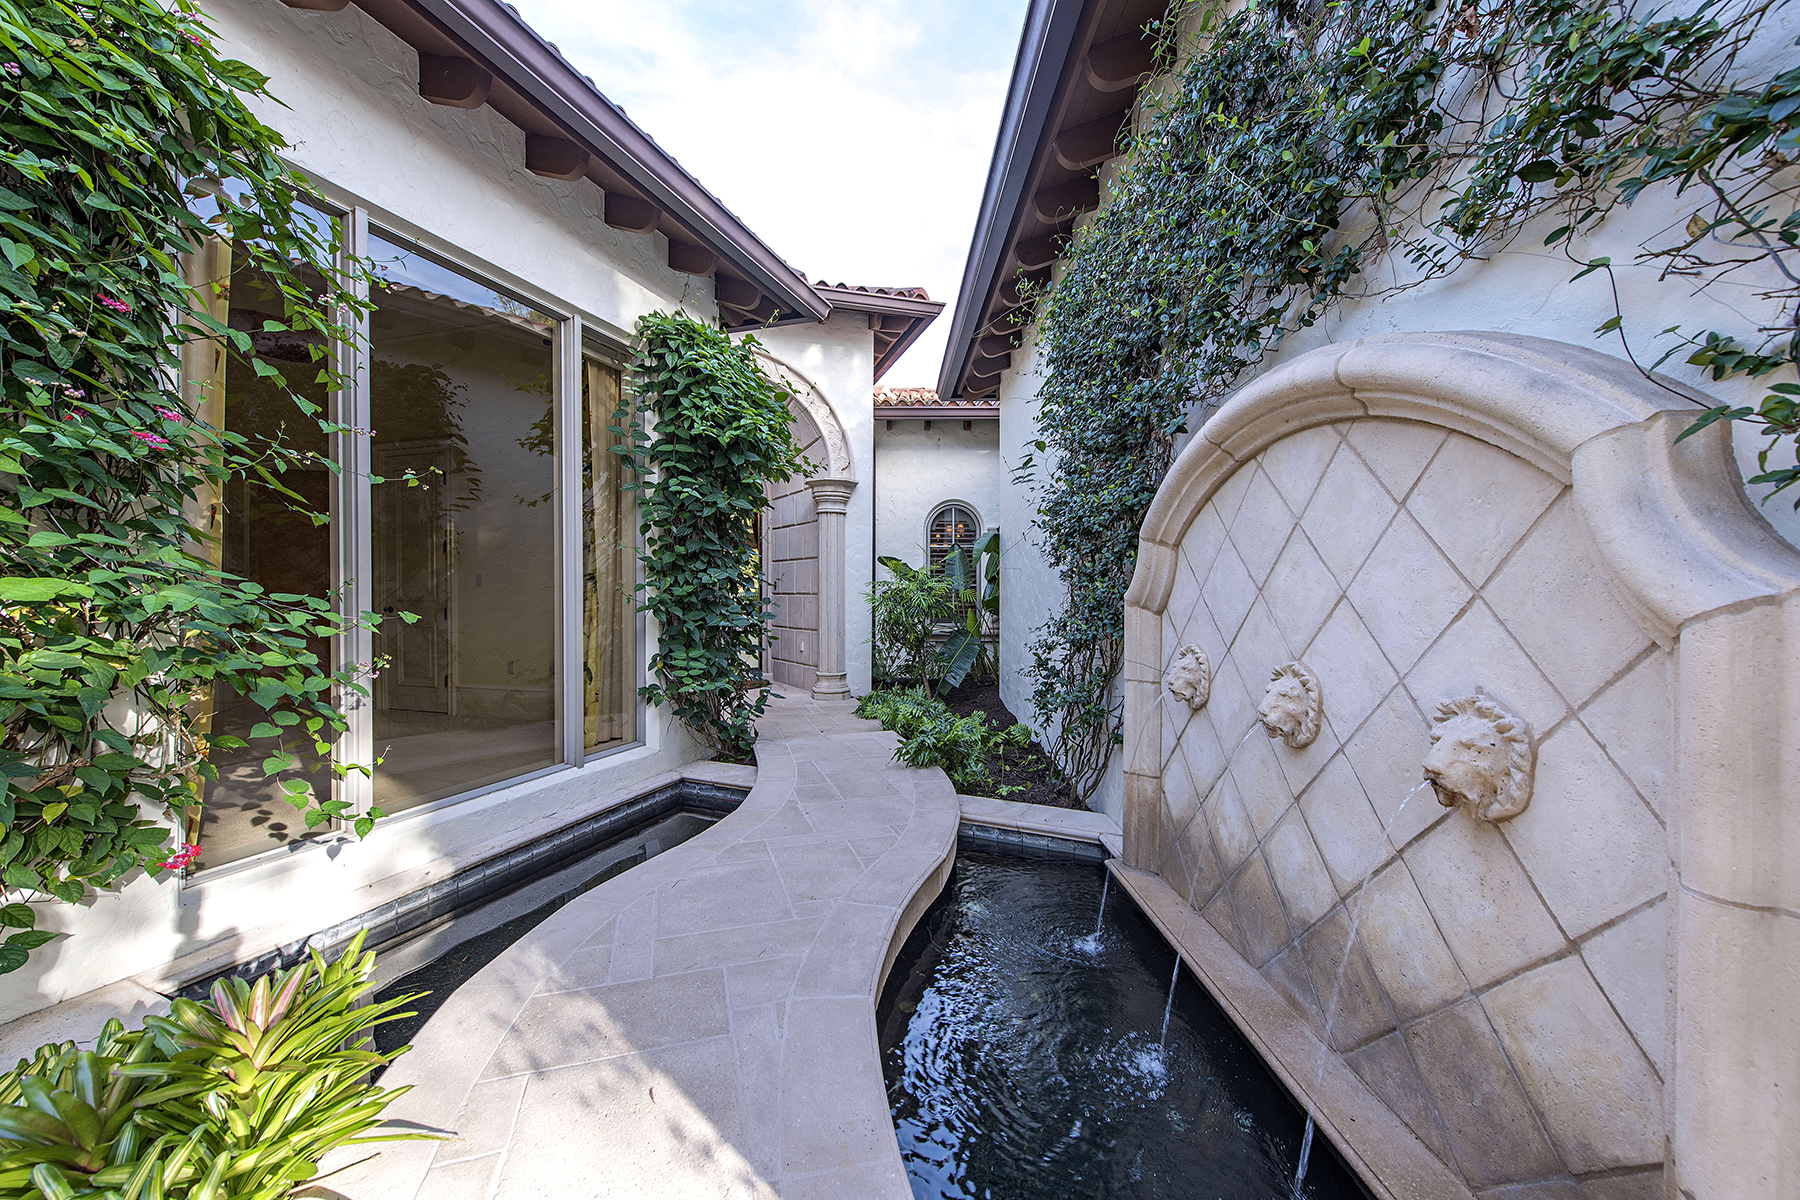 独户住宅 为 销售 在 Estuary at Grey Oaks 1302 Noble Heron Way 那不勒斯, 佛罗里达州, 34105 美国